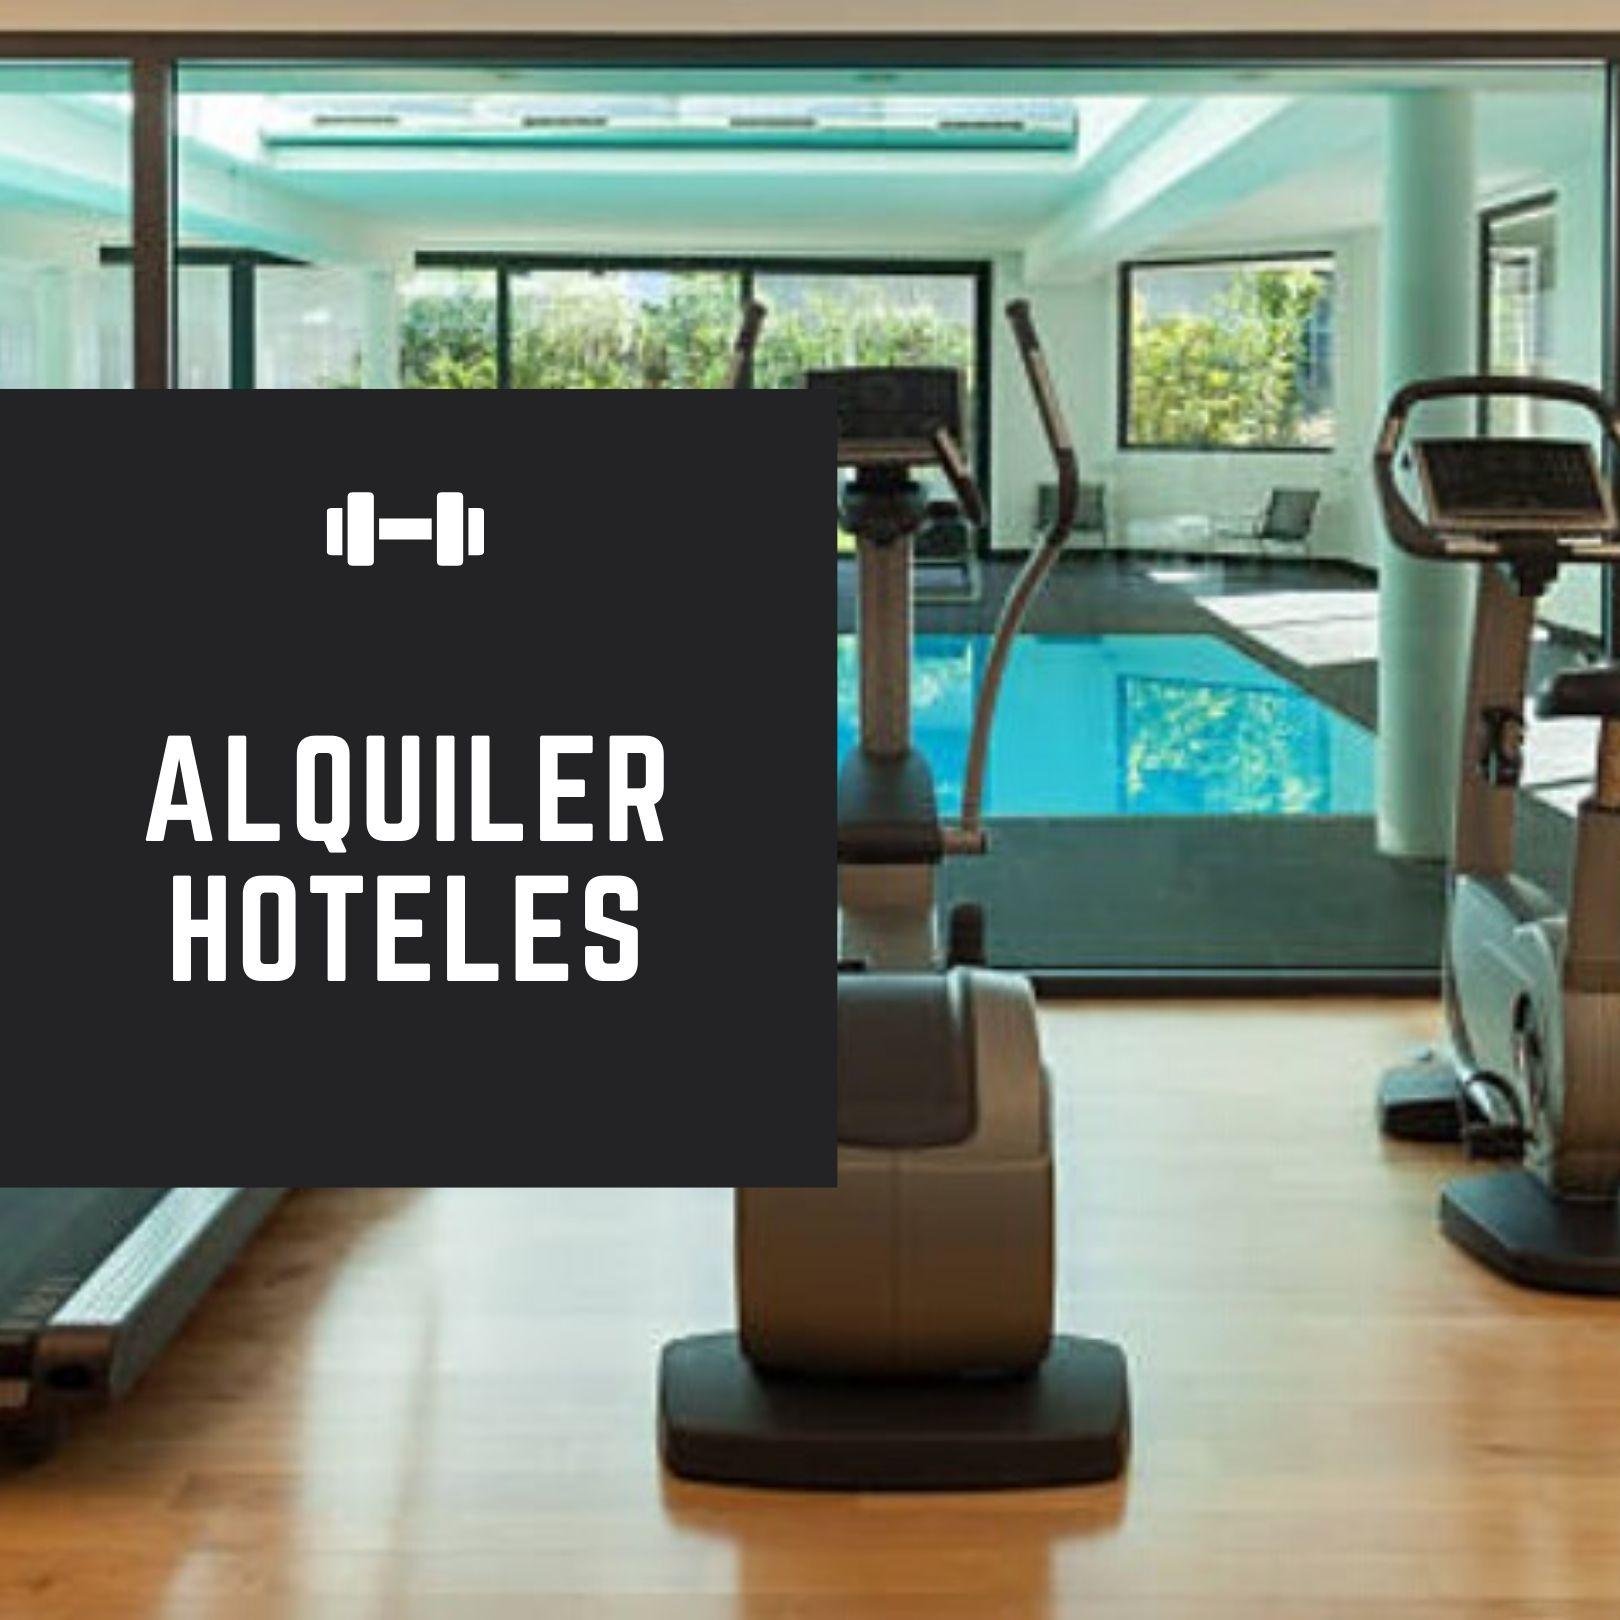 alquiler maquinas gimnasio hoteles